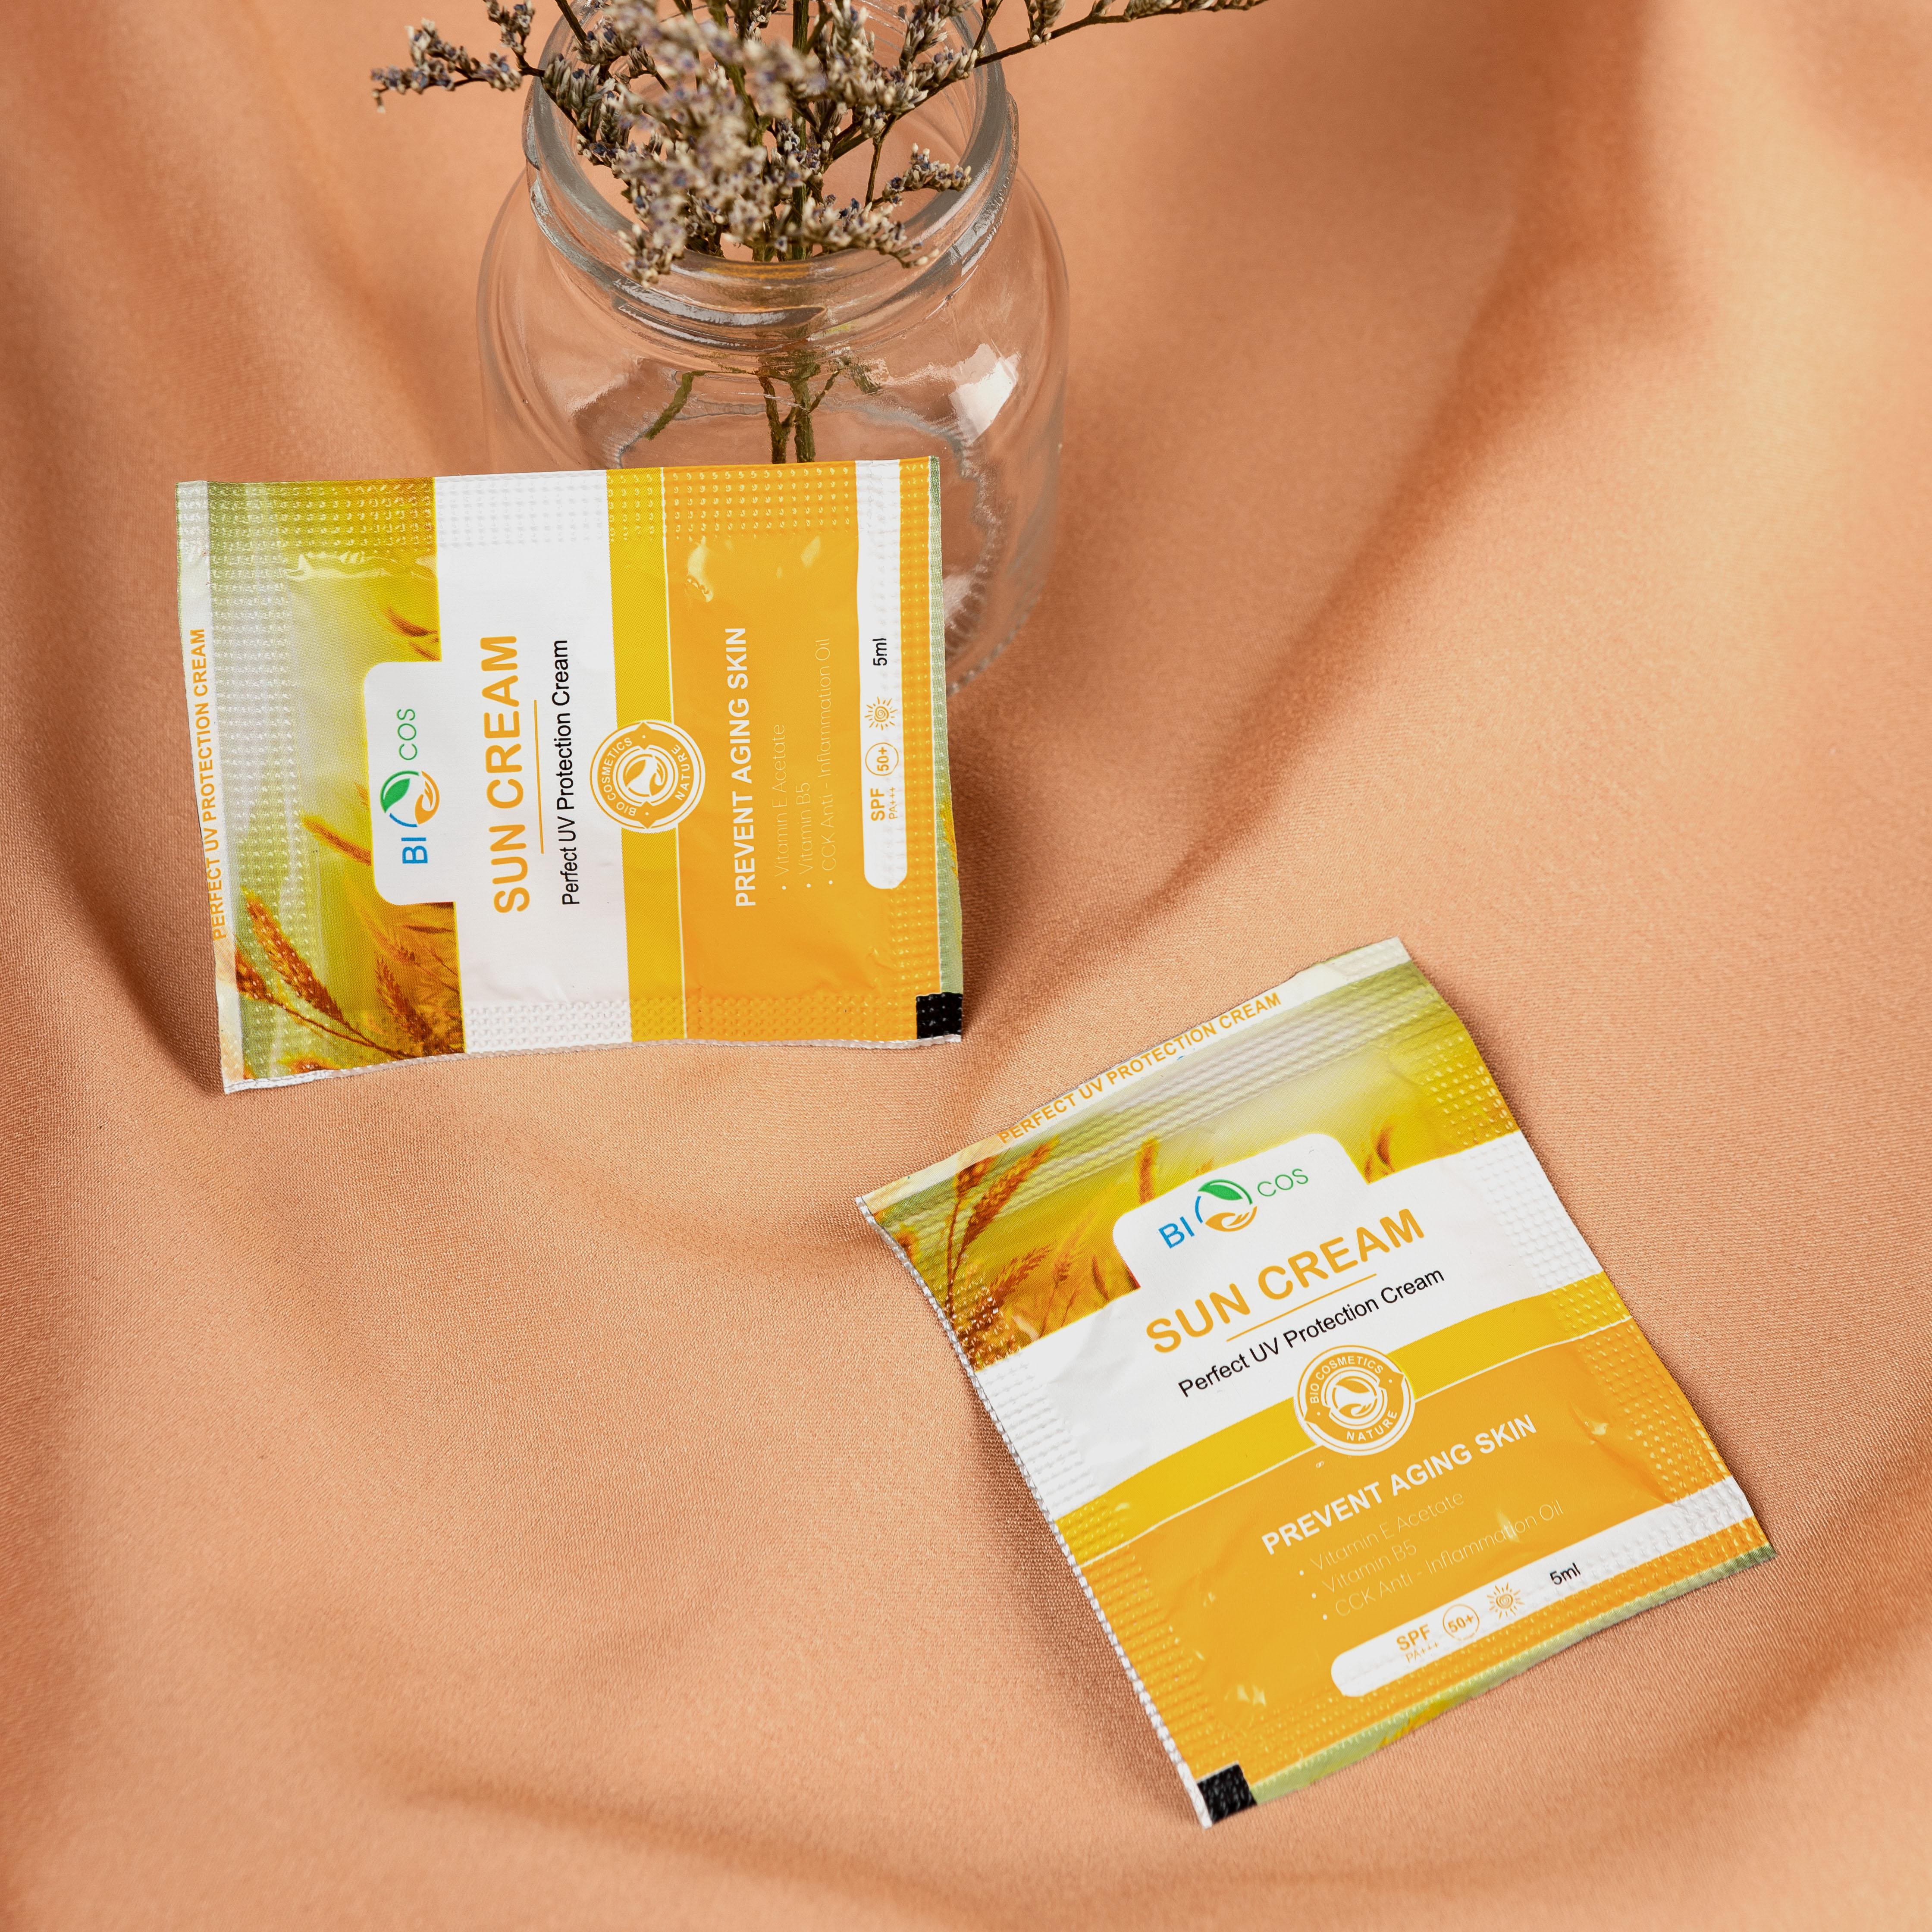 Kem Chống Nắng BIOCOS Sun Cream (Gói 5 ml) - Dưỡng Ẩm, Ngăn Ngừa Lão Hoá